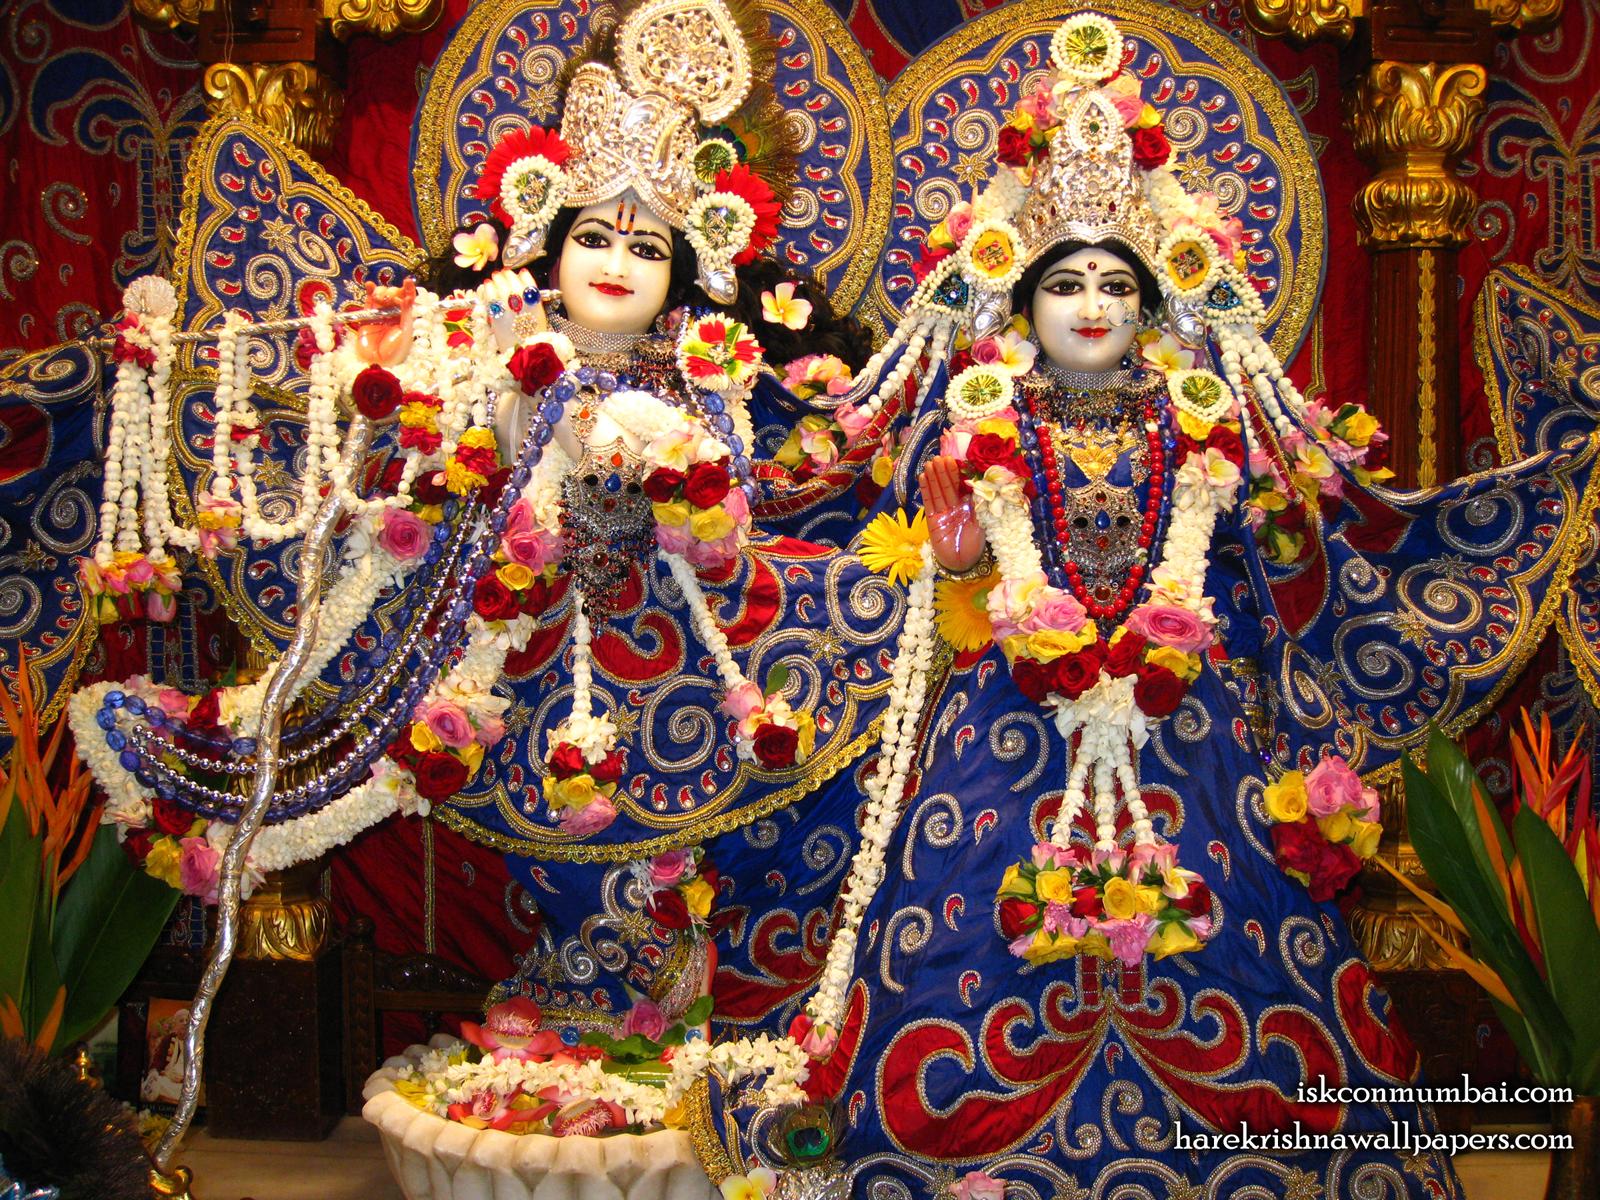 Sri Sri Radha Rasabihari Wallpaper (003) Size1600x1200 Download